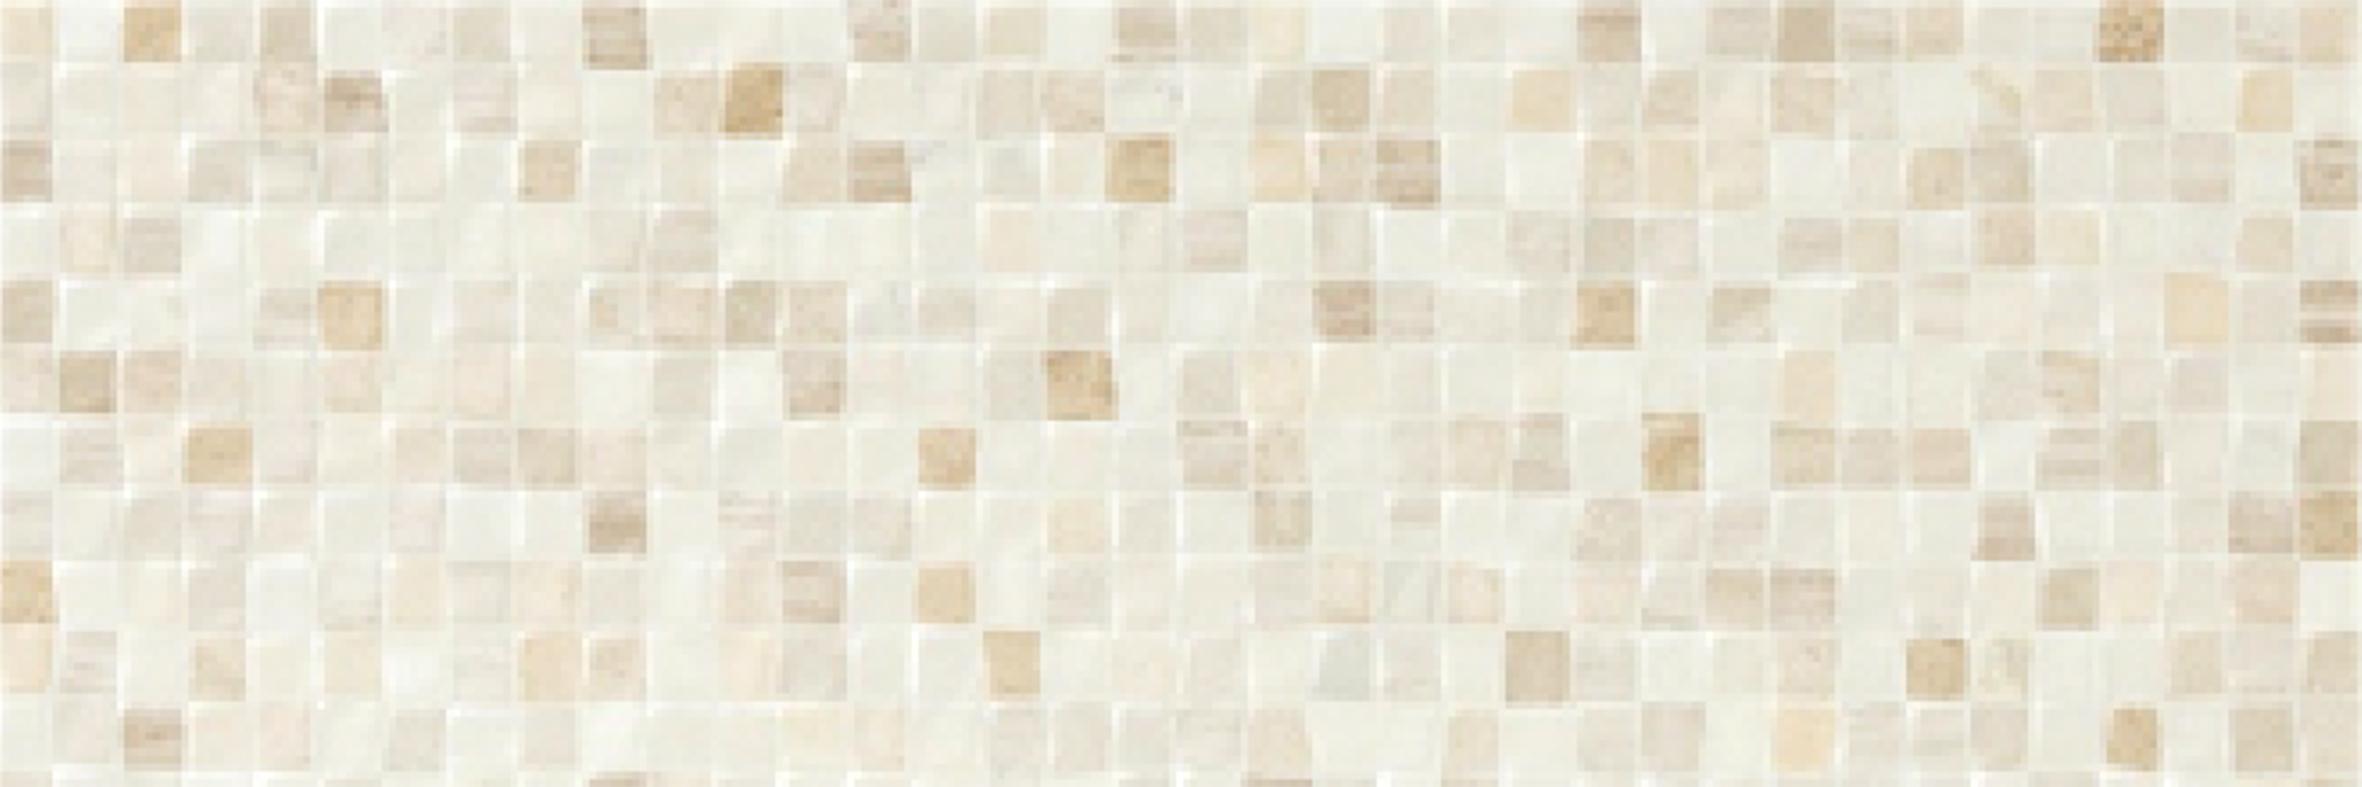 Декор Атриум мозаика бежевый